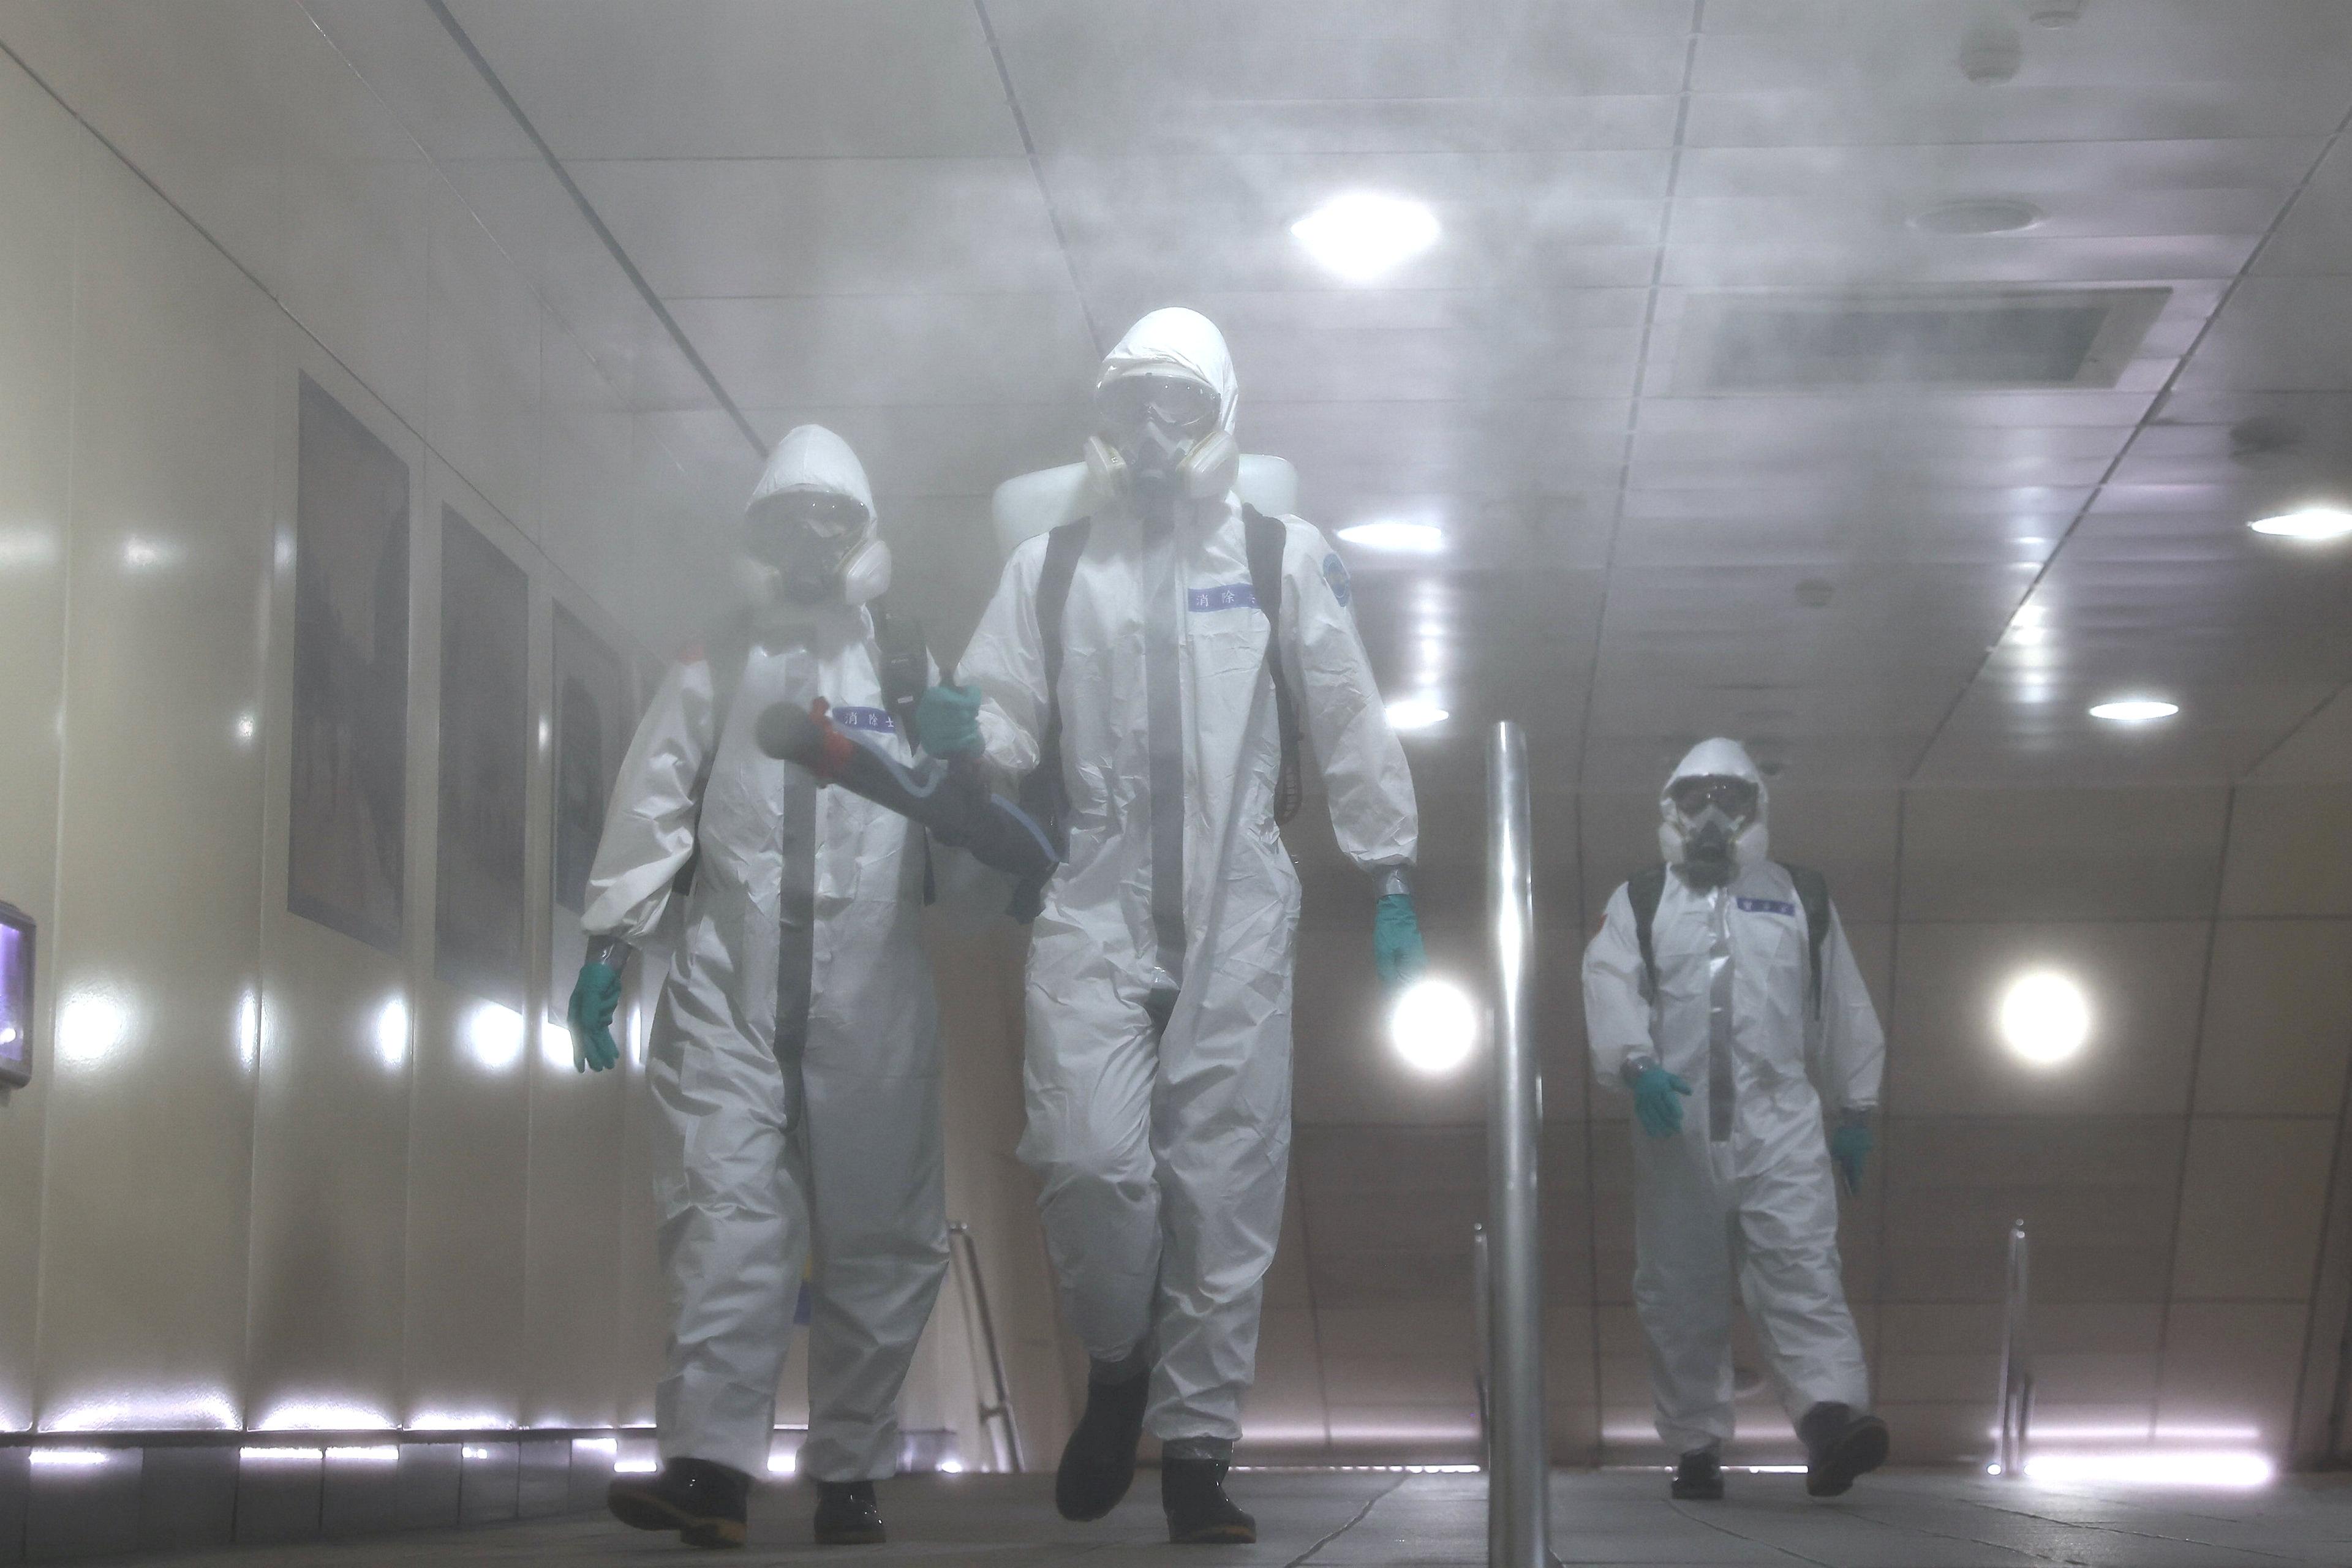 Những người lính mặc đồ bảo hộ khử trùng một ga tàu điện ngầm sau khi dịch bệnh do coronavirus (COVID-19) gia tăng ở Đài Bắc, Đài Loan ngày 25 tháng 5 năm 2021. REUTERS / Ann Wang